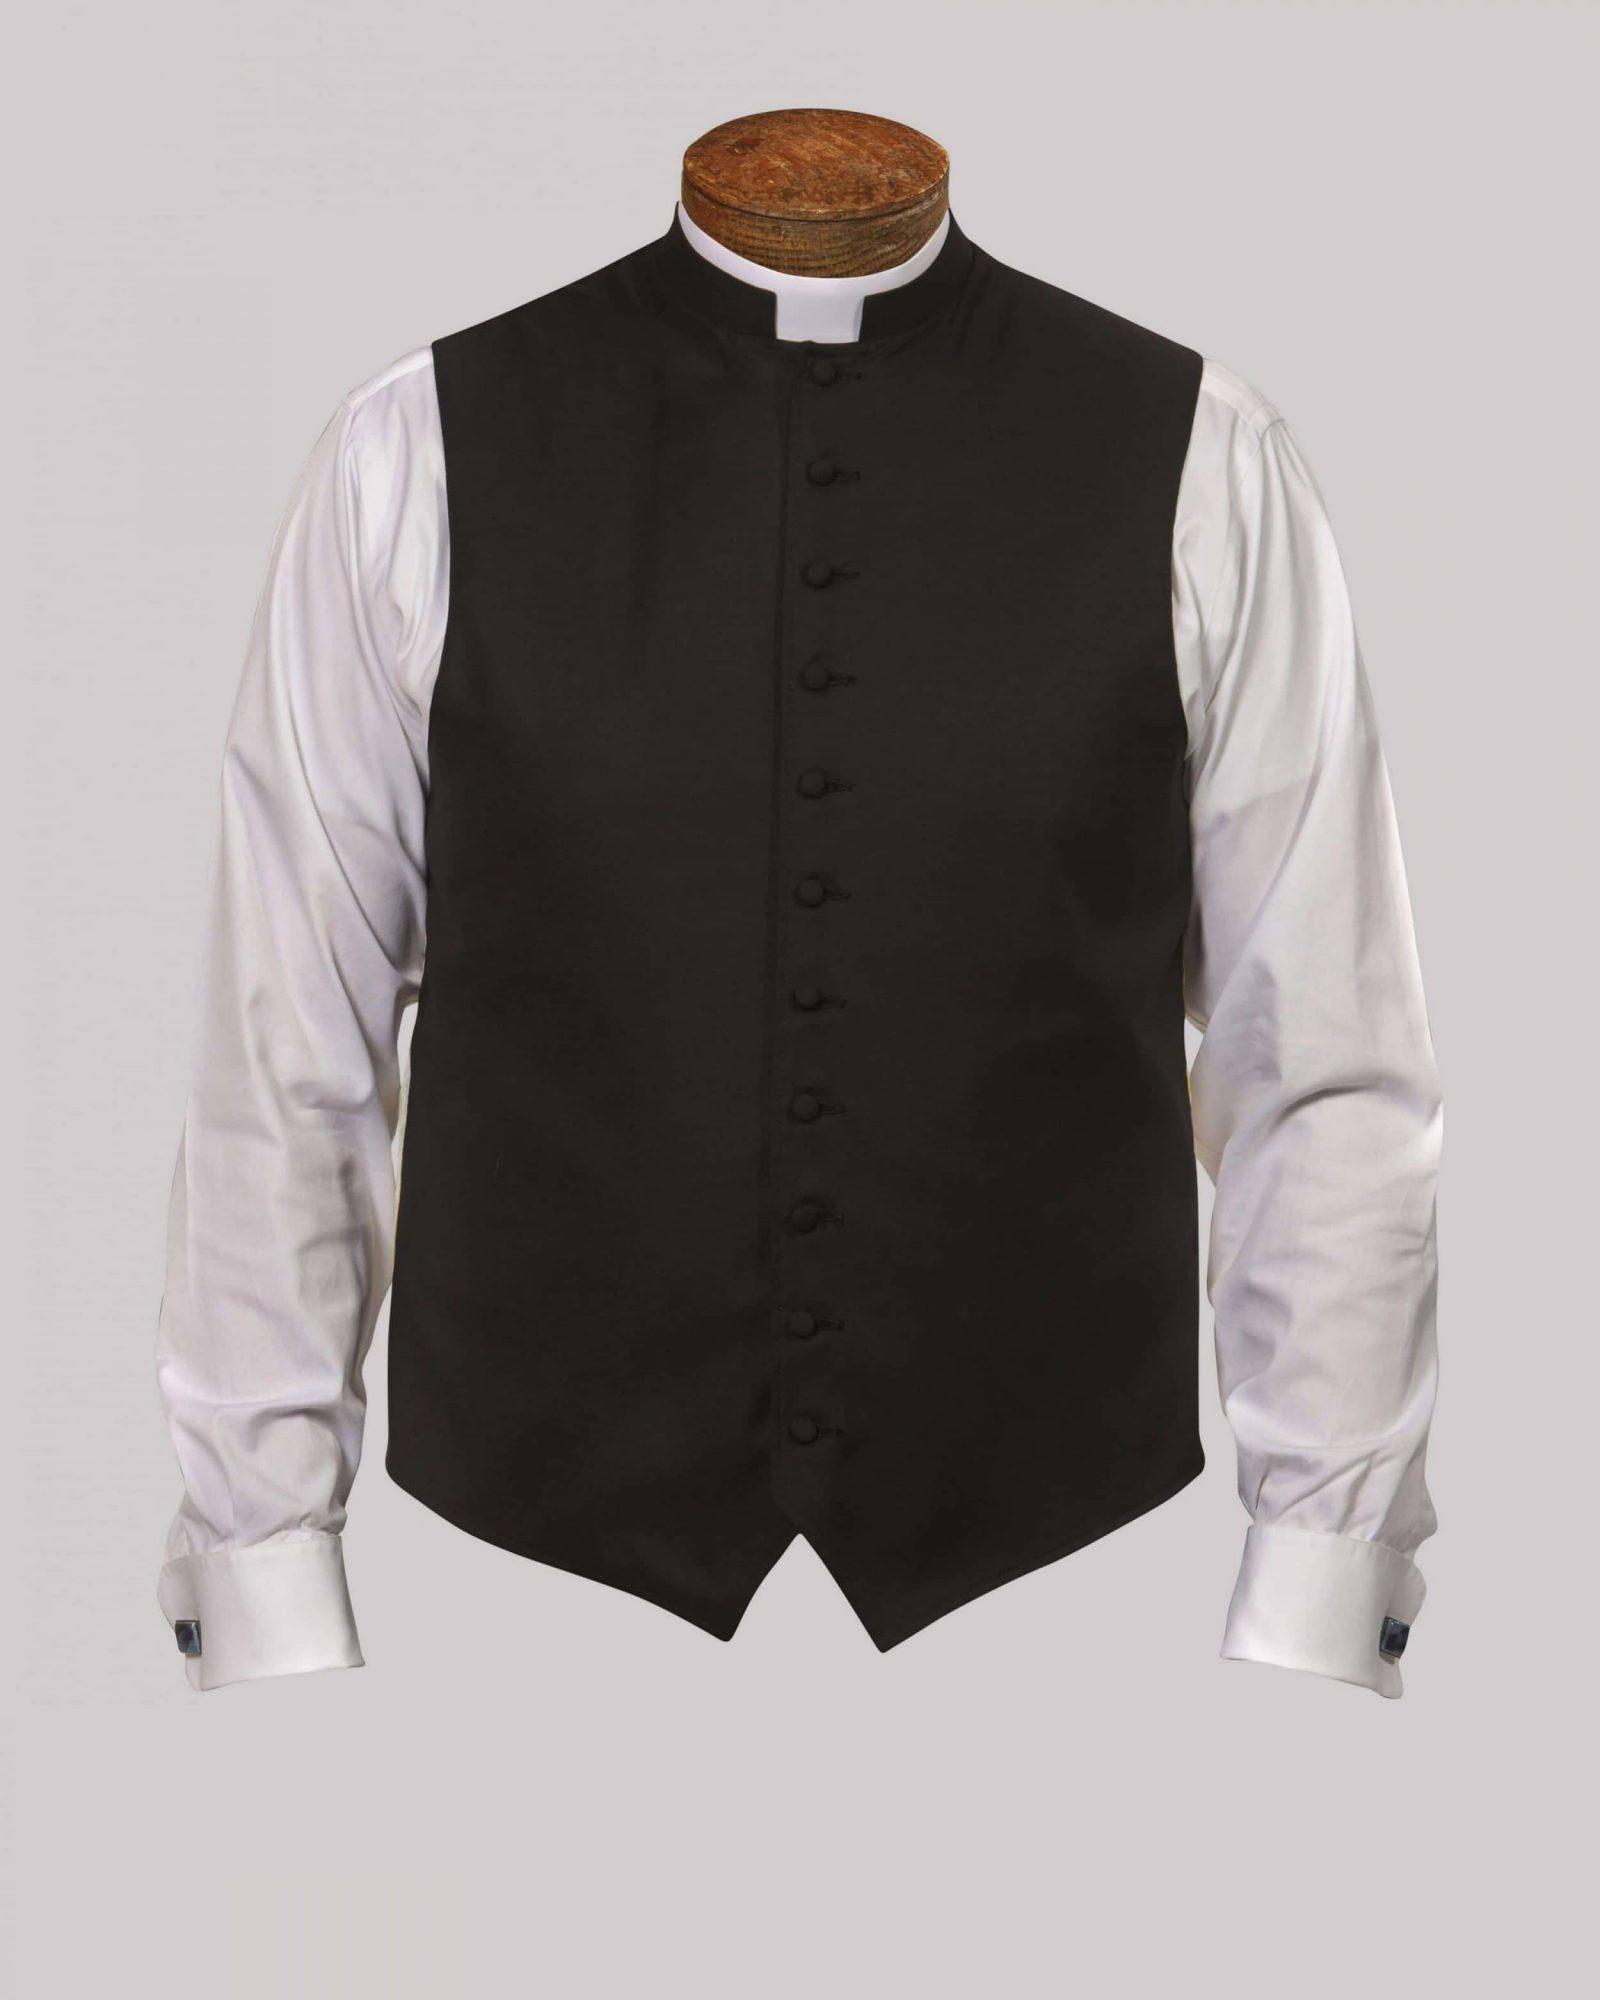 Black w/Cloth Button & No Trim - Custom